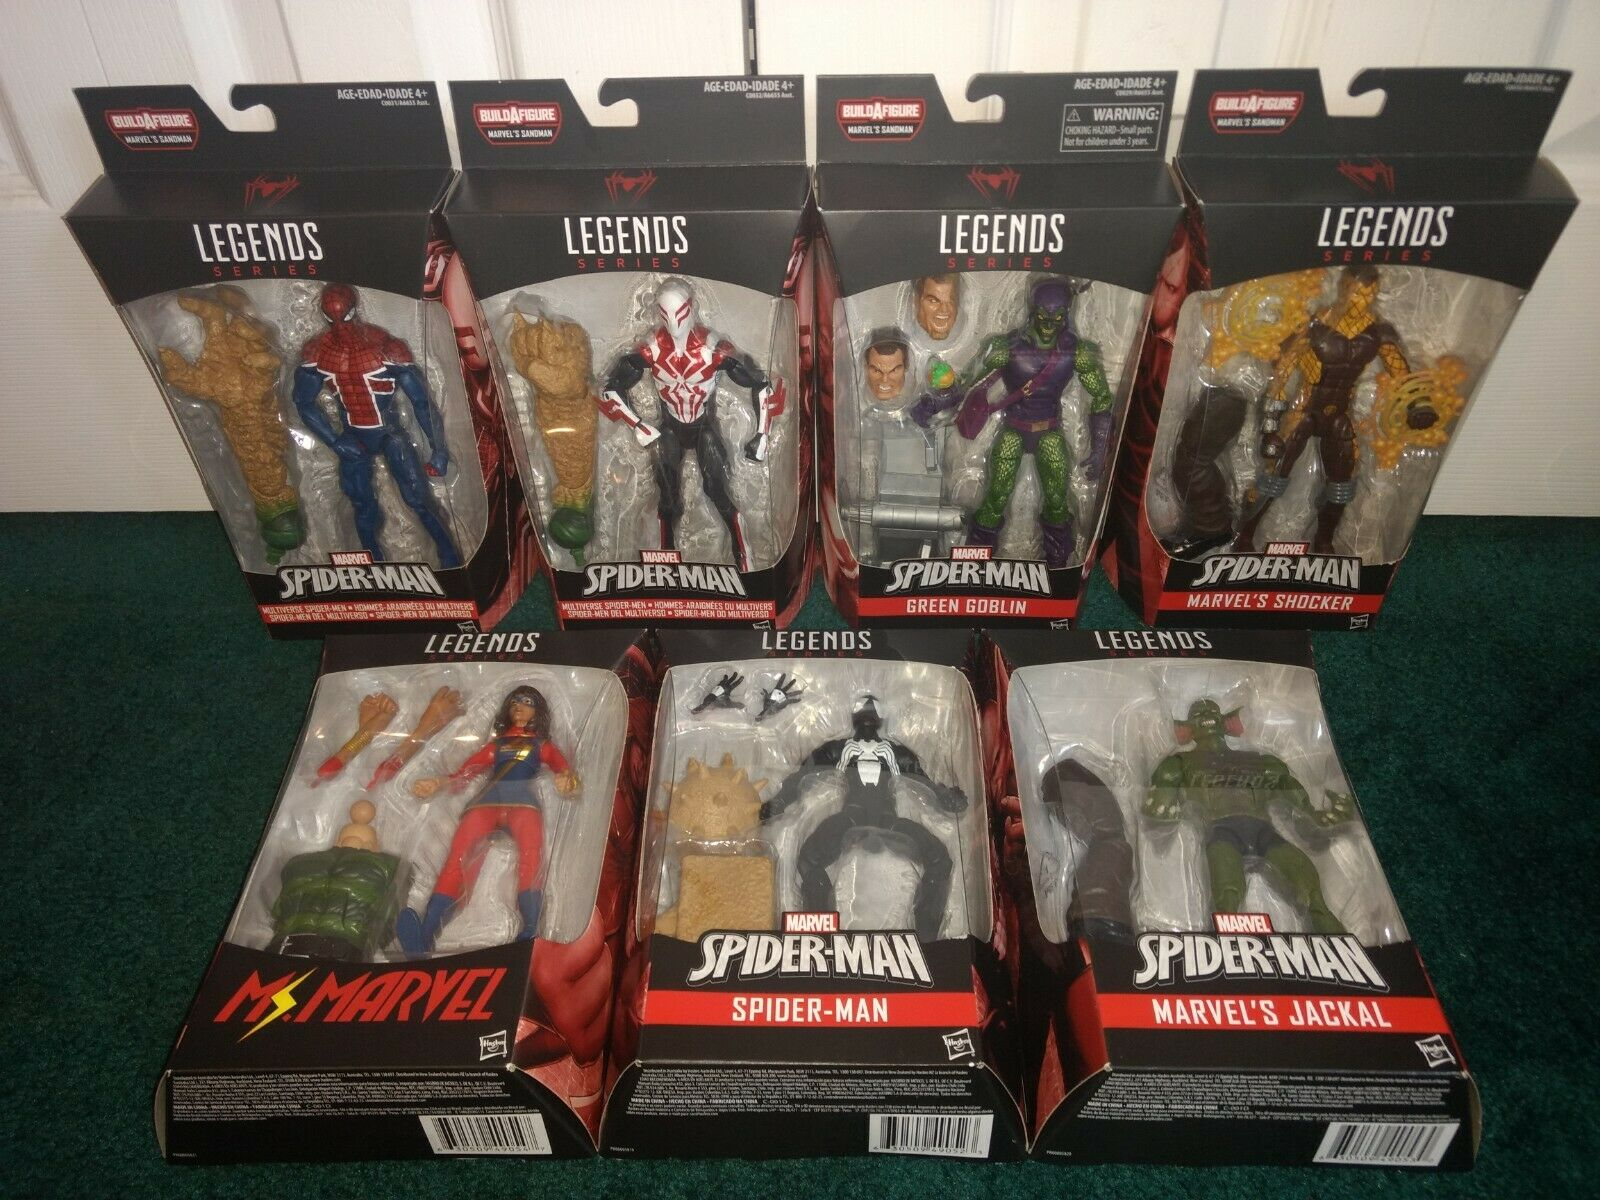 Marvel Legends Spider-Man Sandman BAF COMPLETE ALL MISP 2099 UK verde Goblin +